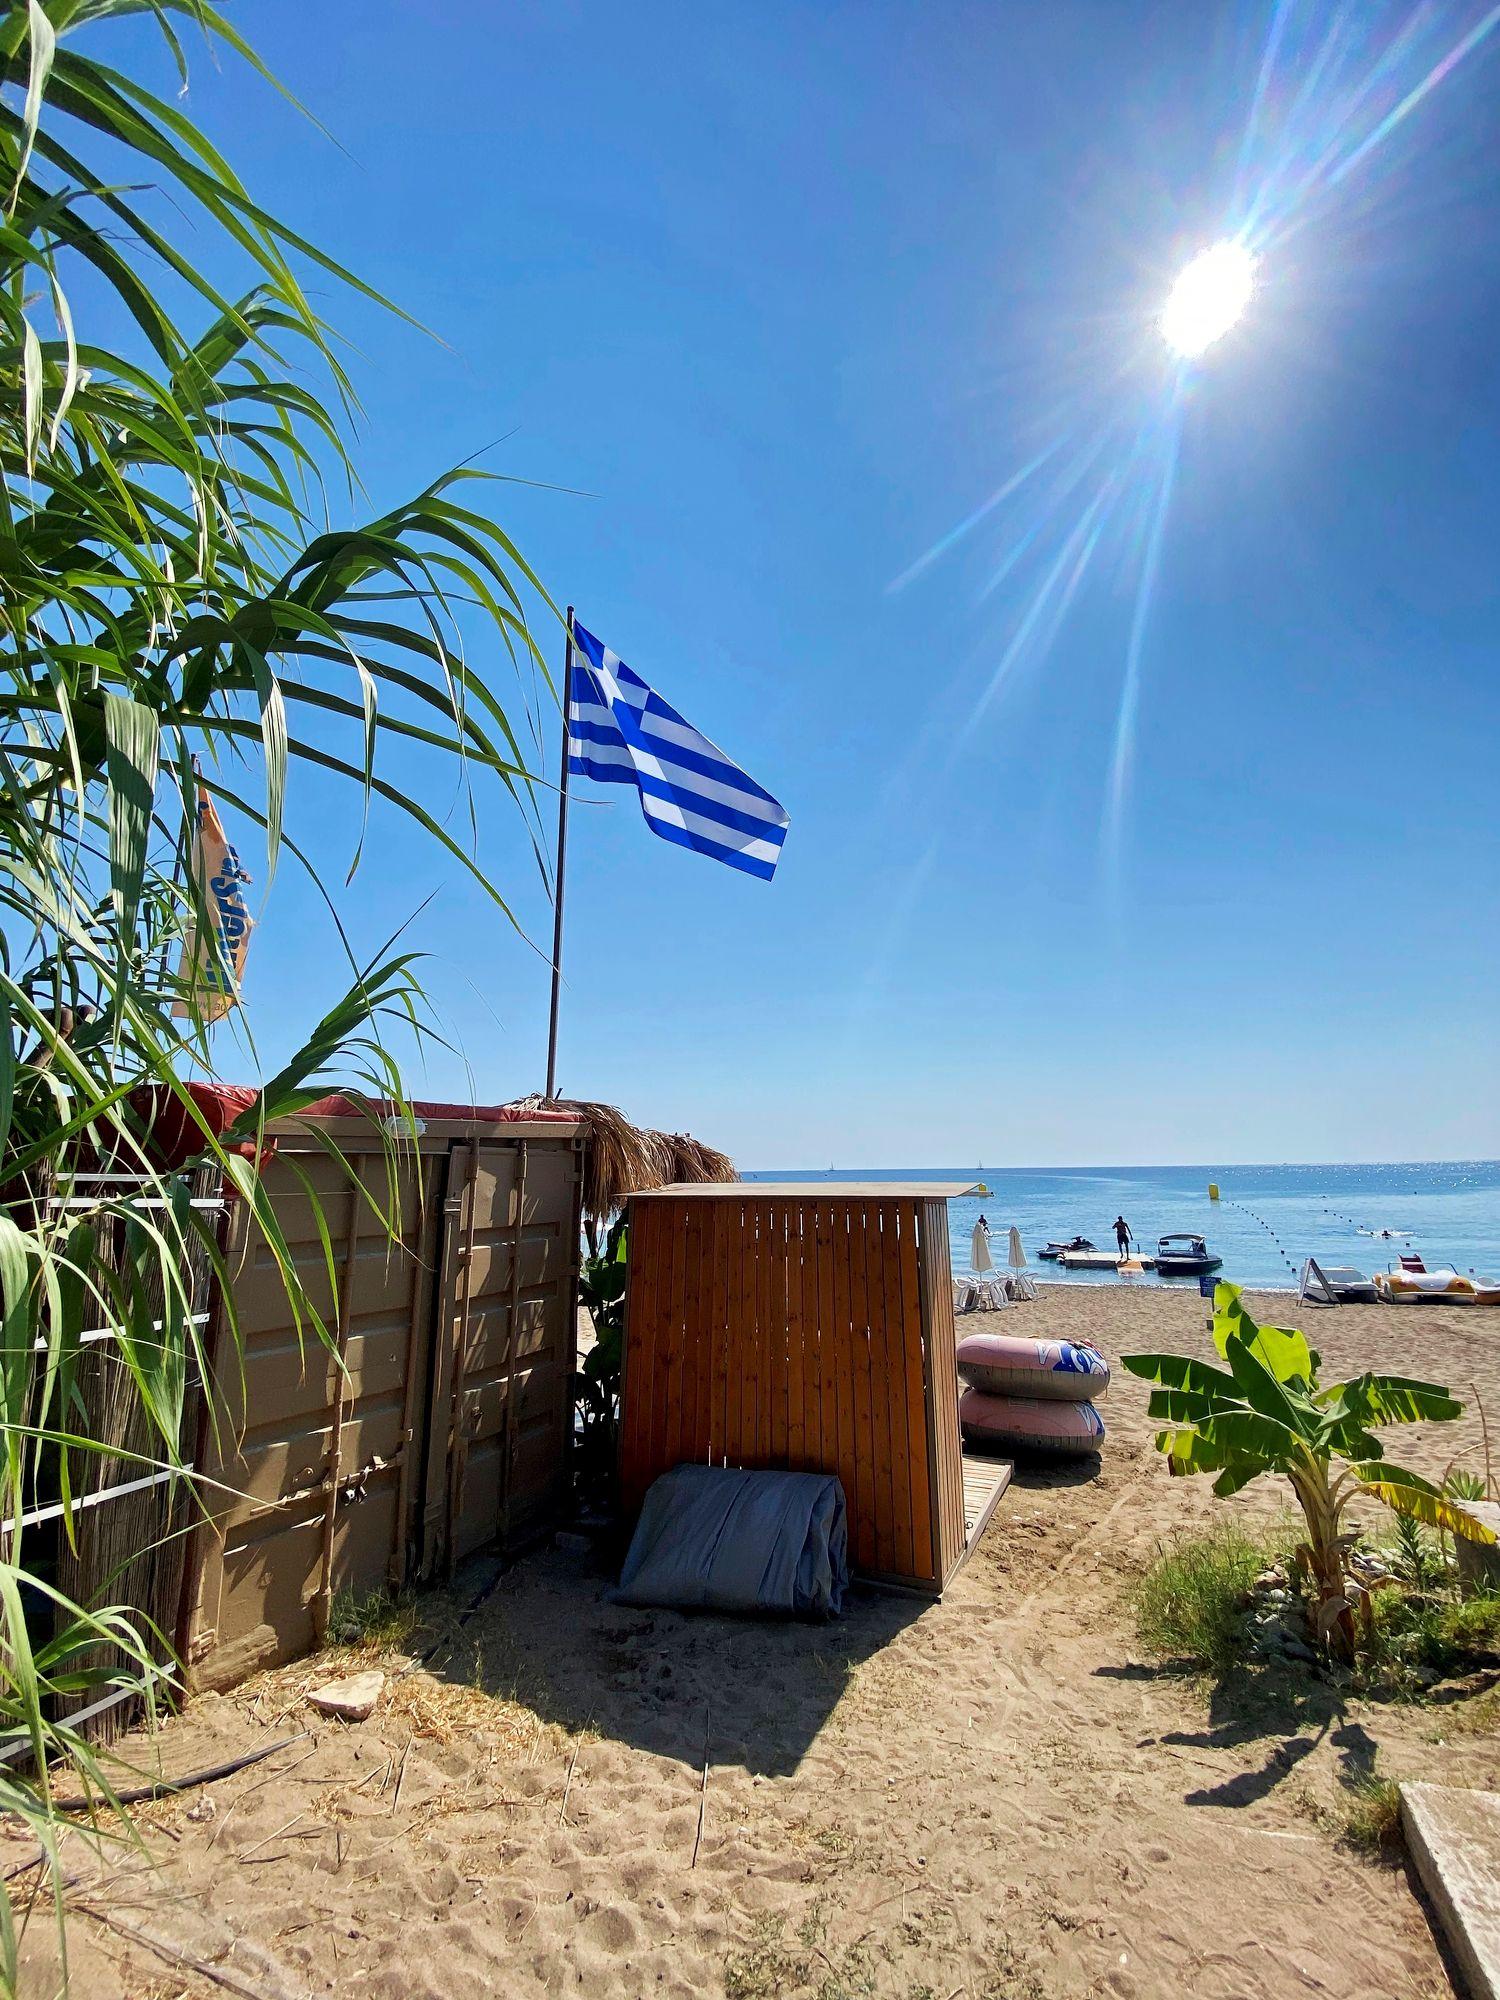 Saaren itärannikko tarjoaa hienoja pulahduspaikkoja, jotka vaihtelevat hiekasta kauniisiin kivirantoihin. Näin lippu liehuu Kallitheassa. © Liza Meriluoto